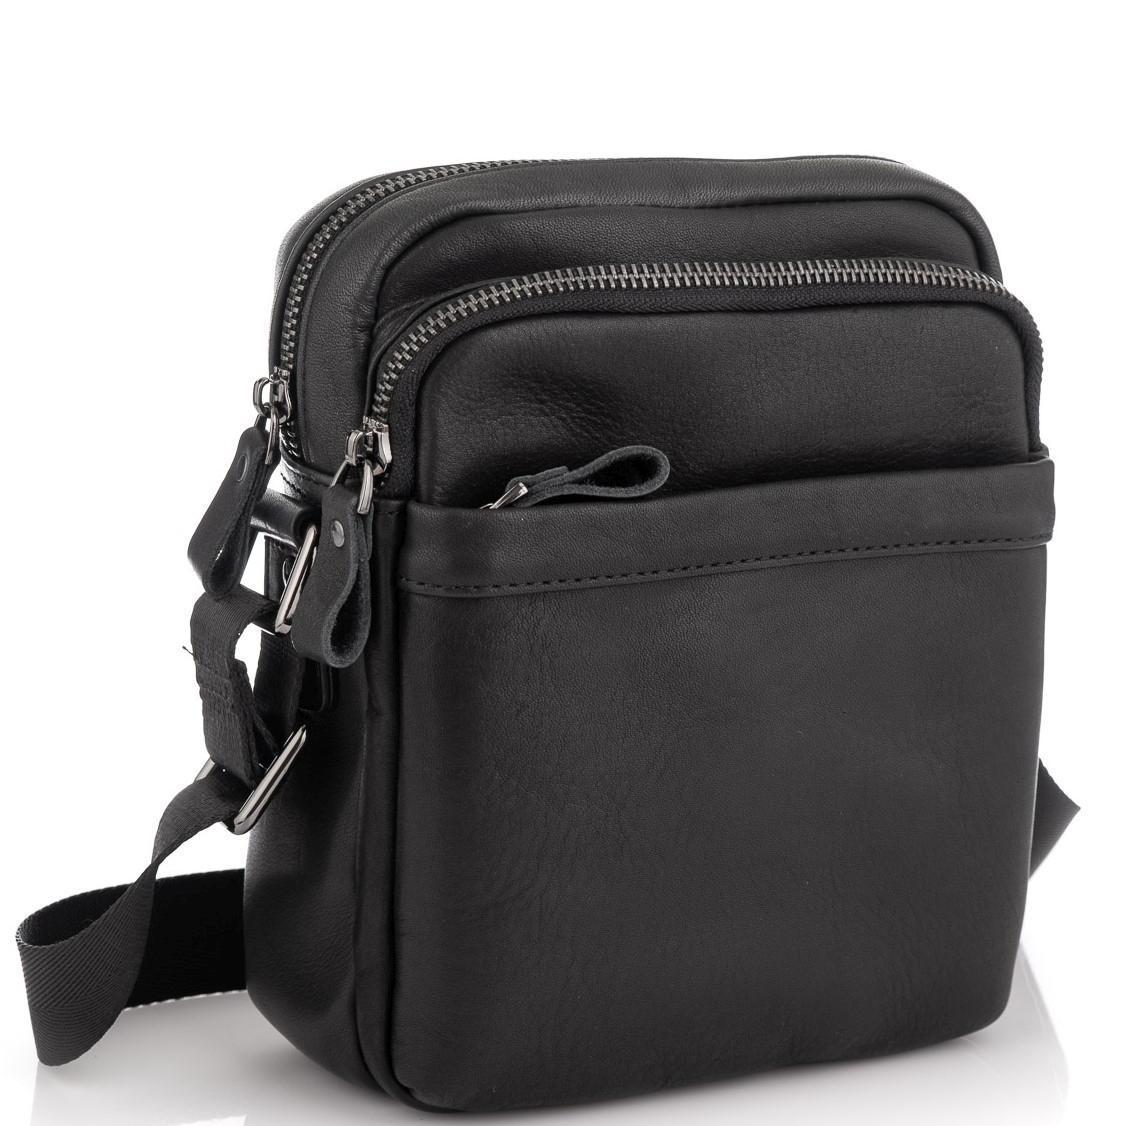 Мужская сумка через плечо черная Tiding Bag 6027A